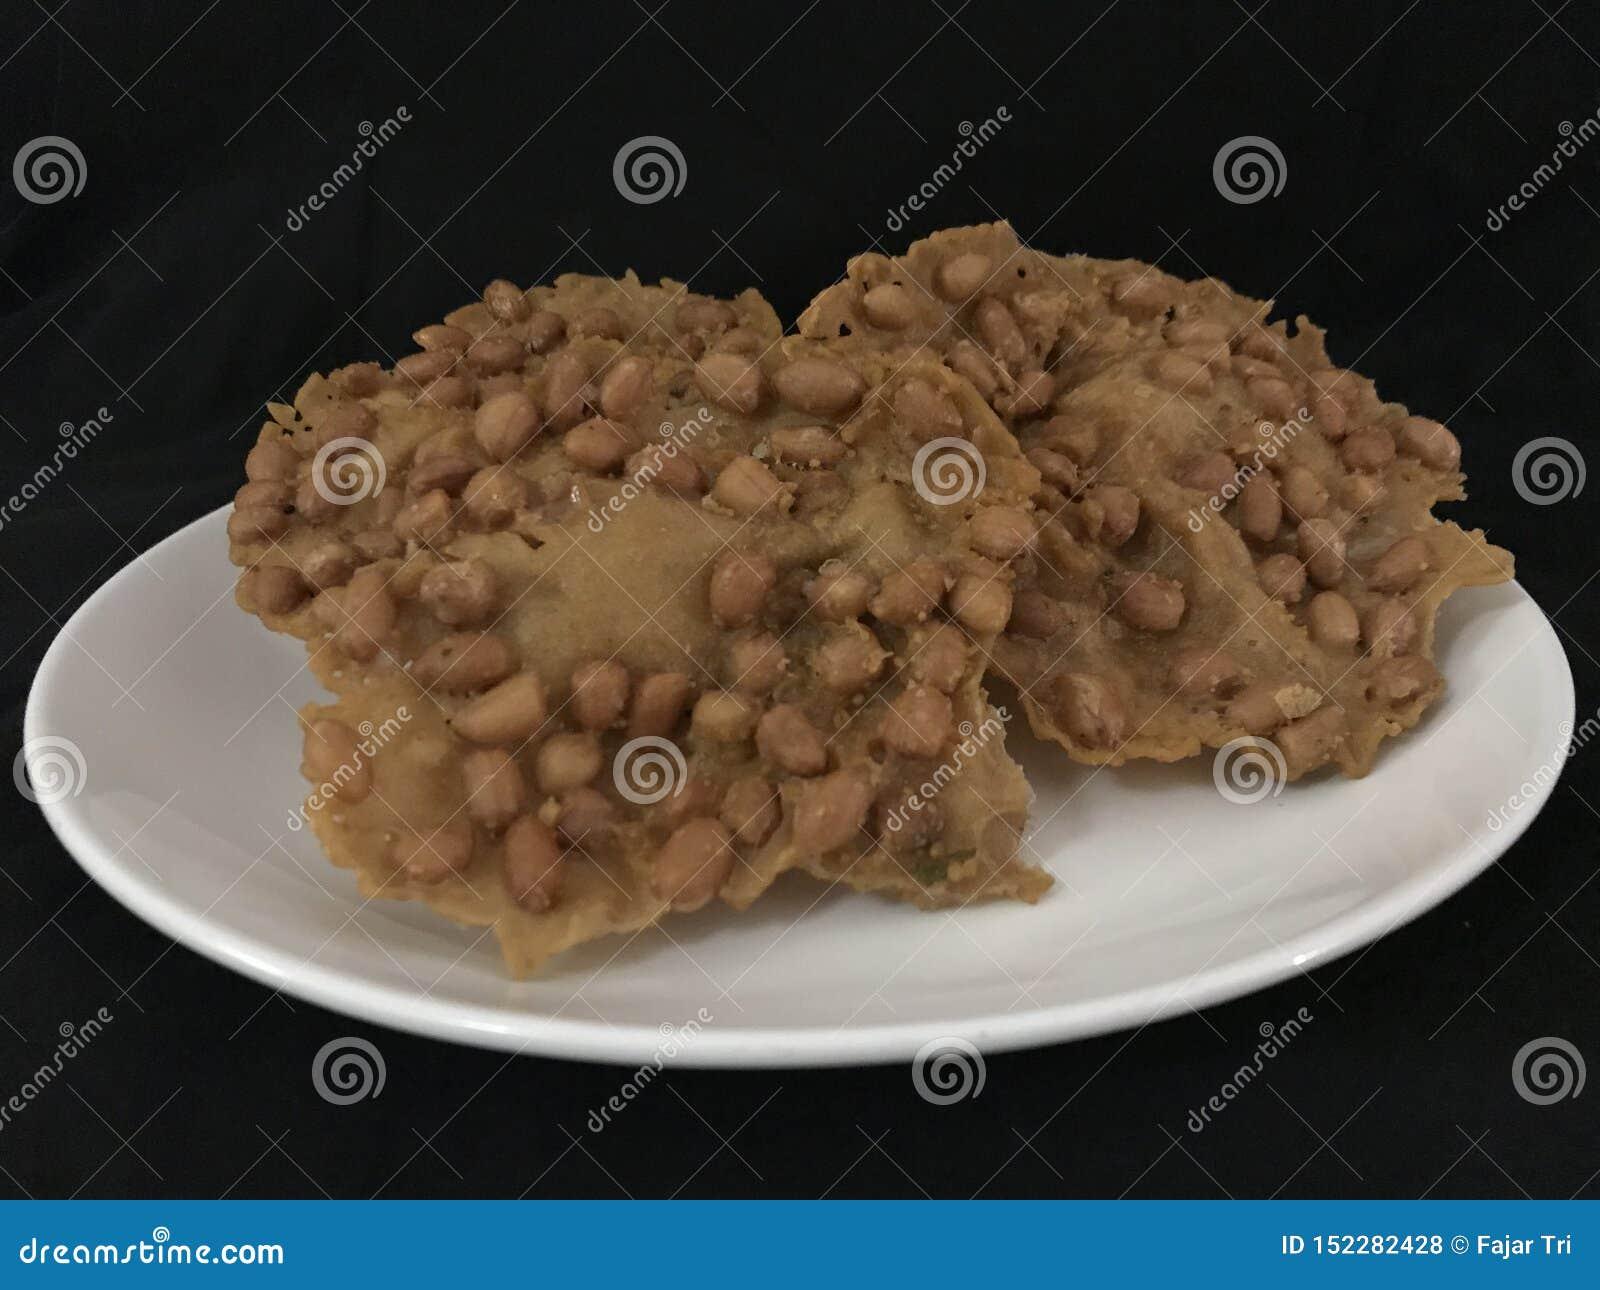 Rempeyek Kacang of Pinda scrackers